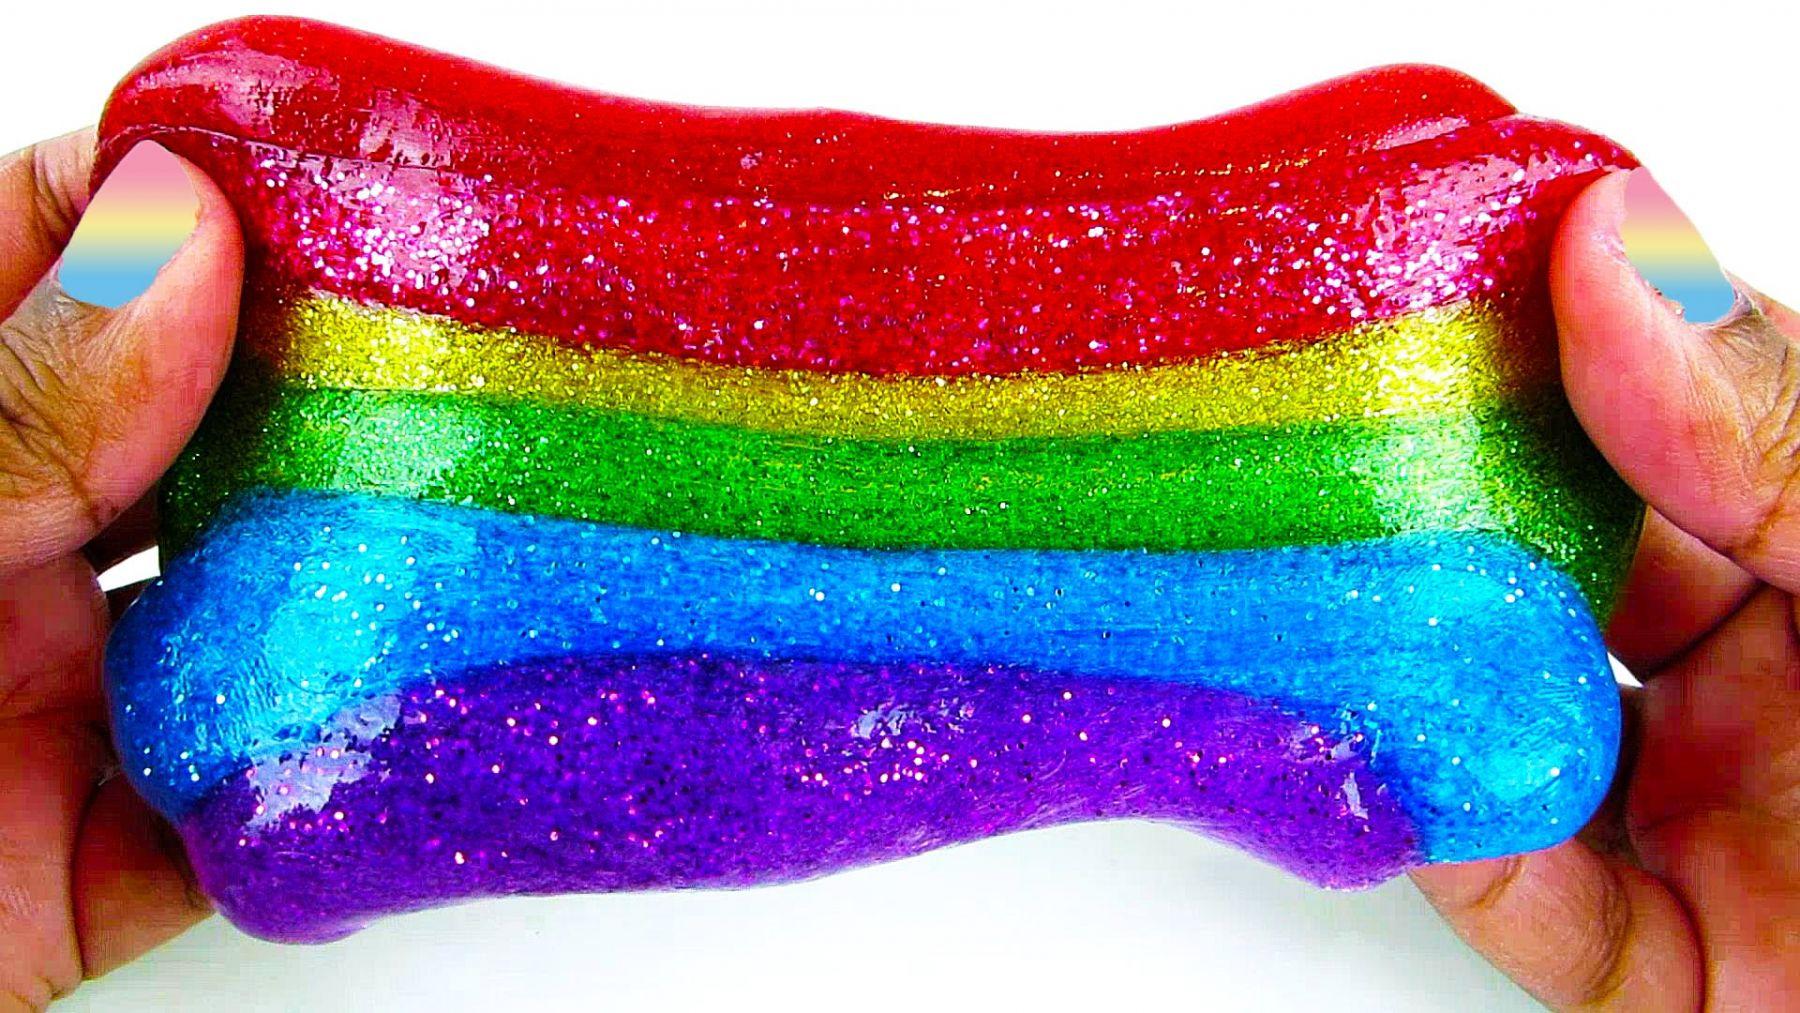 Красивые и яркие слаймы. Эффективный антистресс для детей и взрослых.